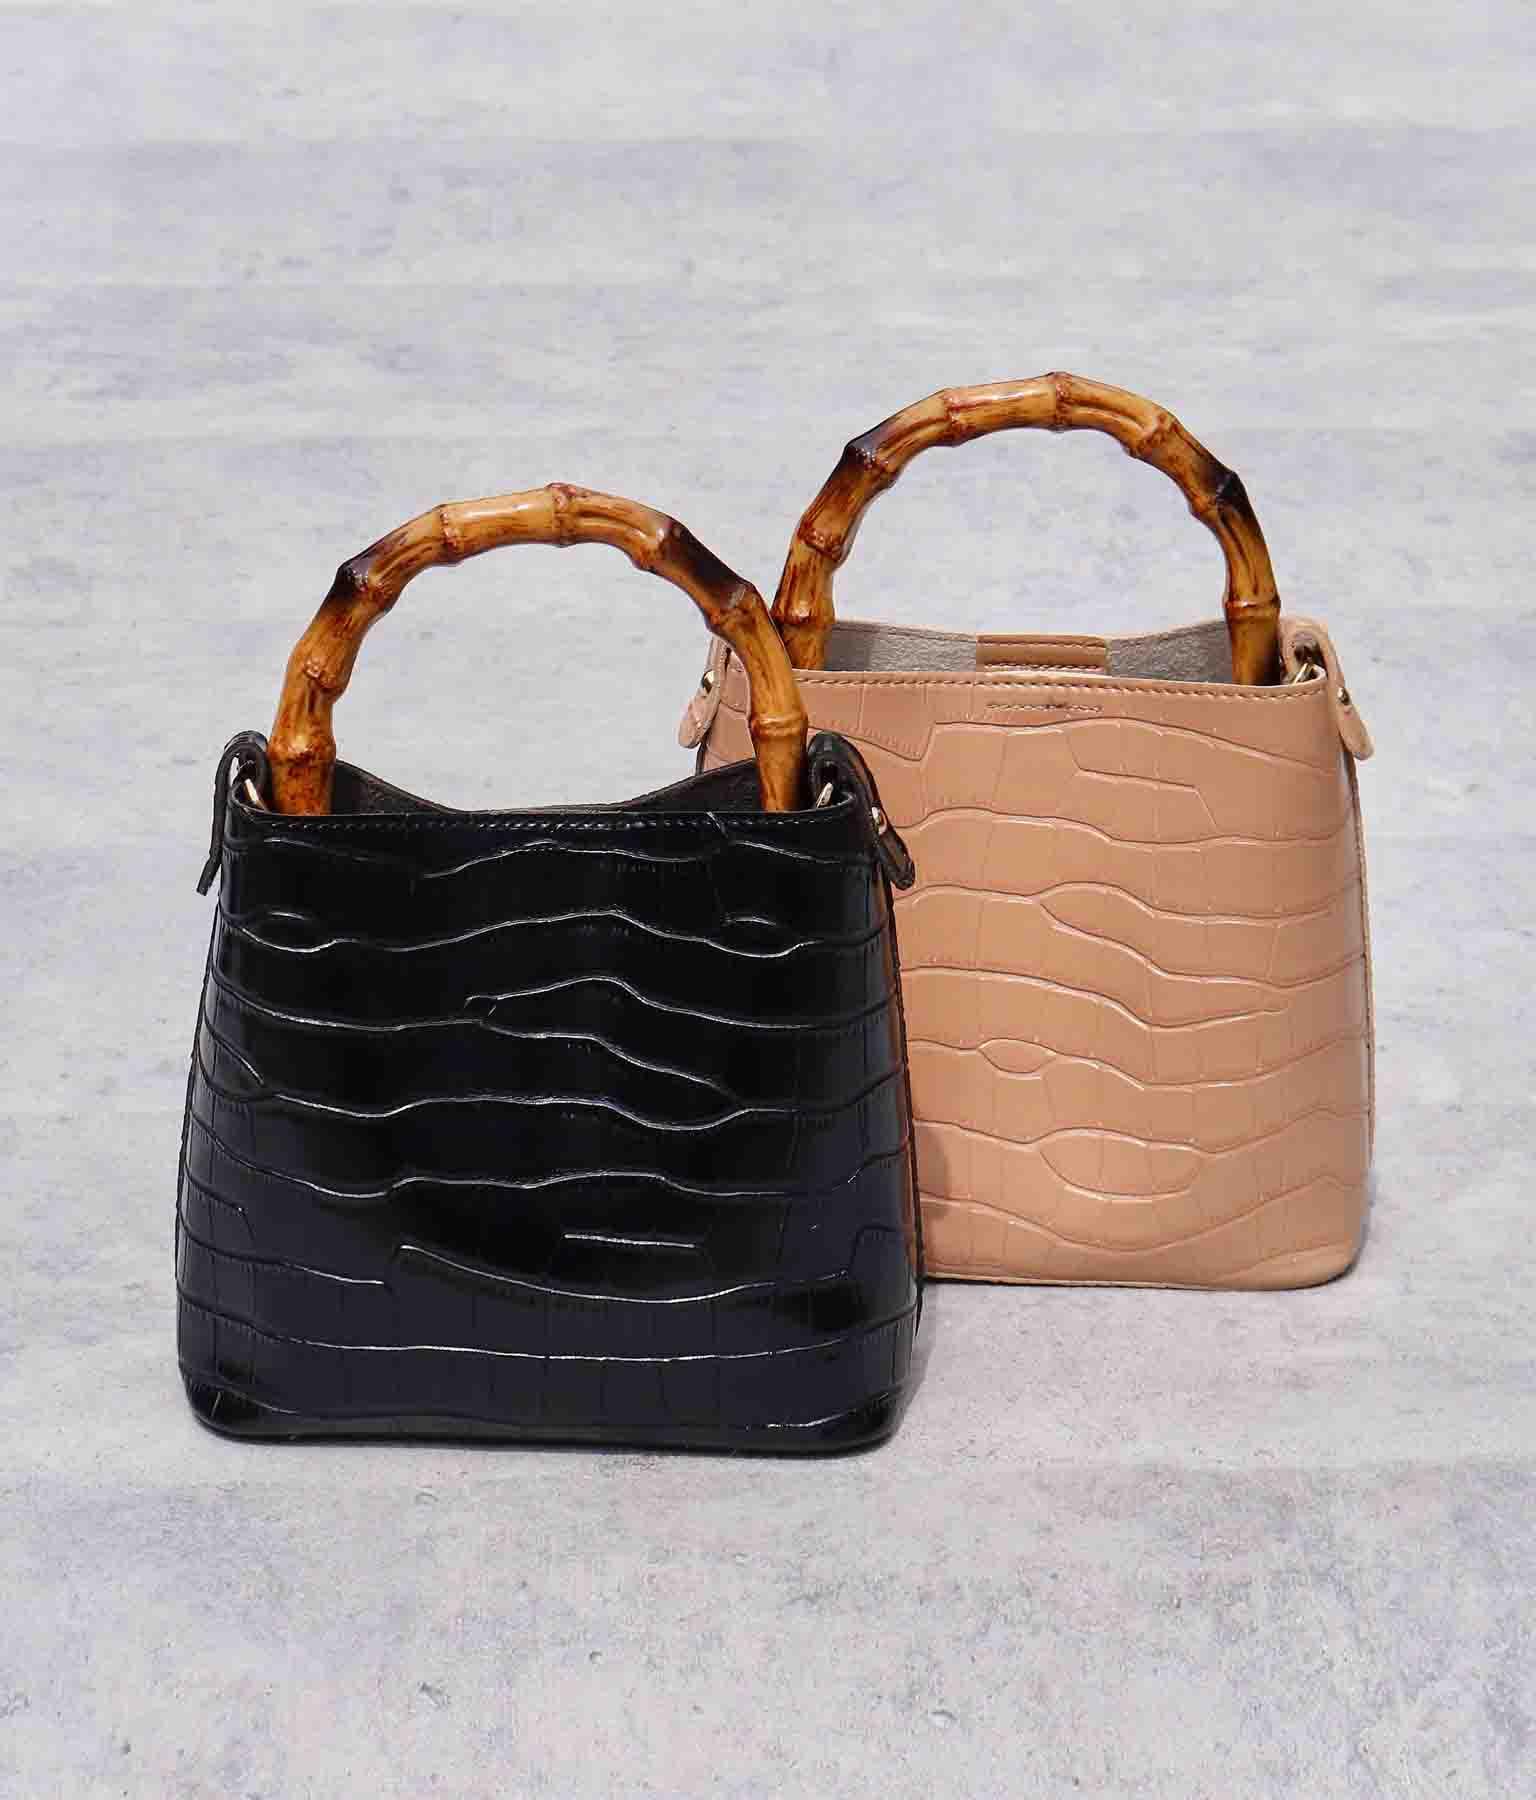 バンブーハンドルクロコ風バッグ(バッグ・鞄・小物/ハンドバッグ・ショルダーバッグ) | ANAP